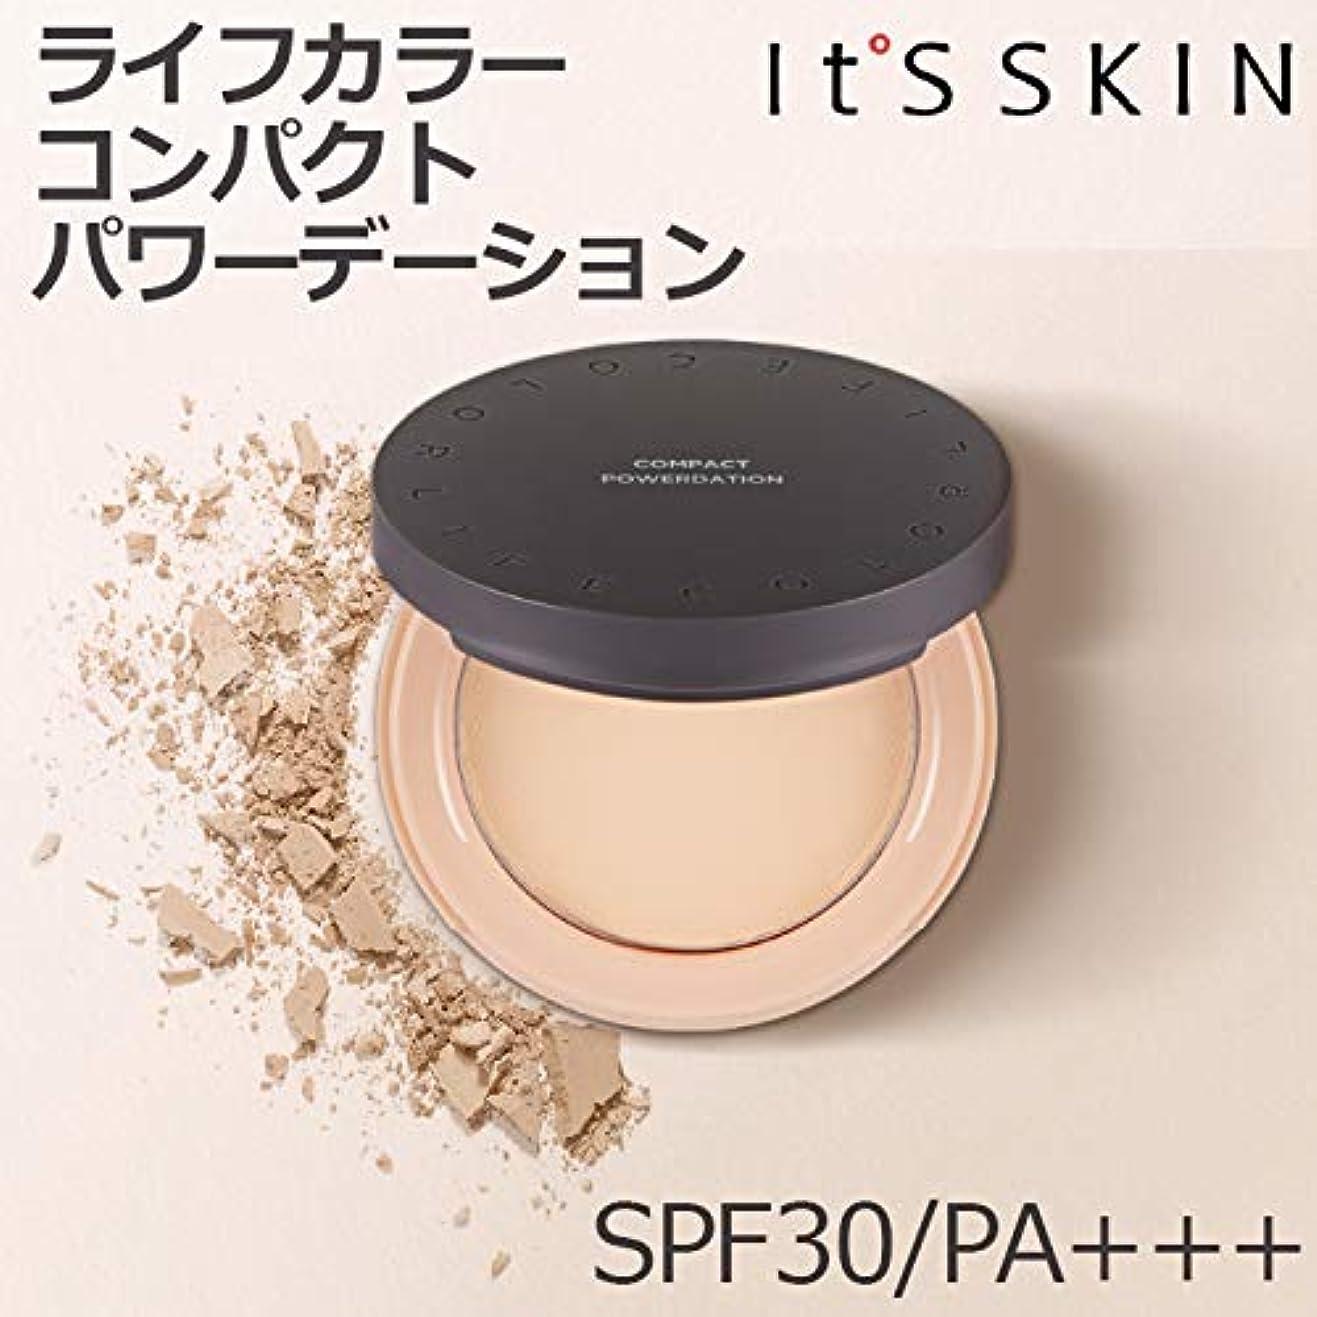 大聖堂資源移動するIts skin イッツスキン ライフ カラー コンパクト パワー デーション 13g (2カラー 選択1) 23号 メディウム,パウダー